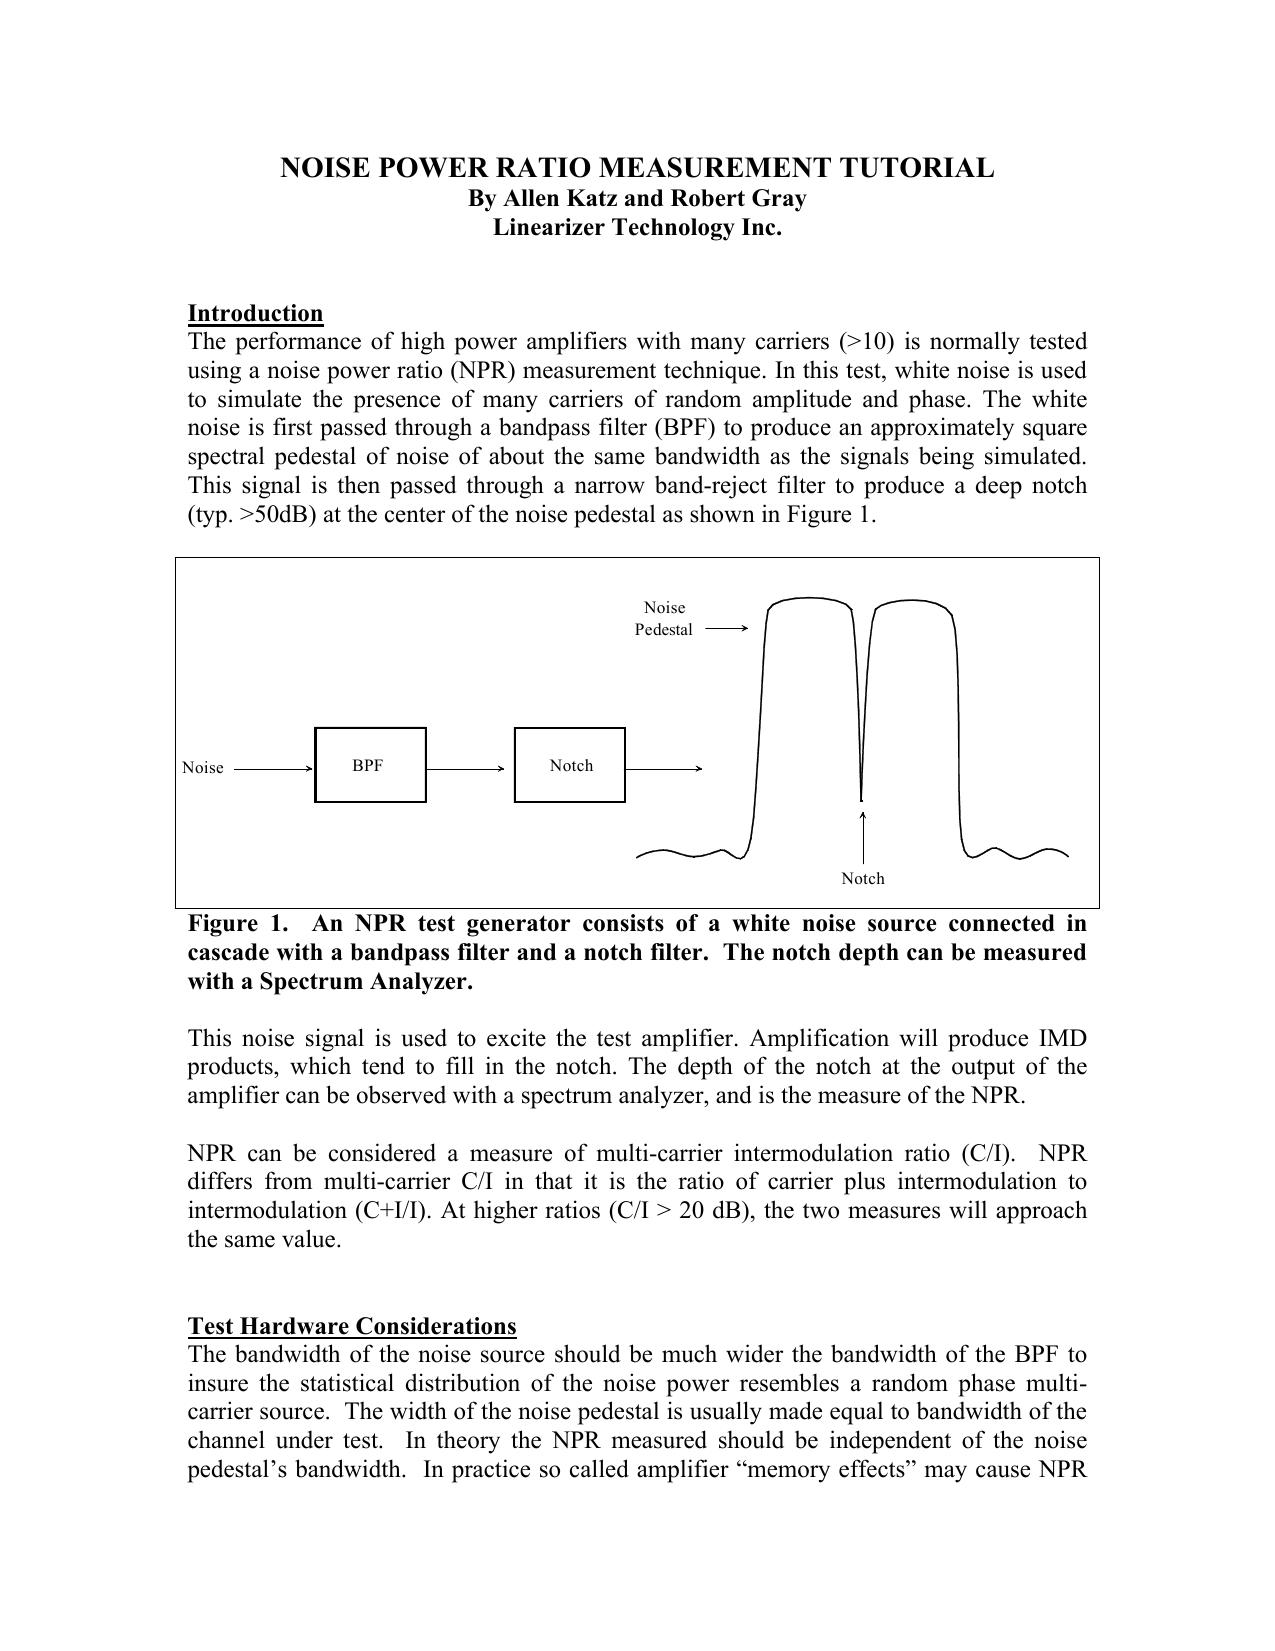 noise power ratio measurement tutorial   manualzz com